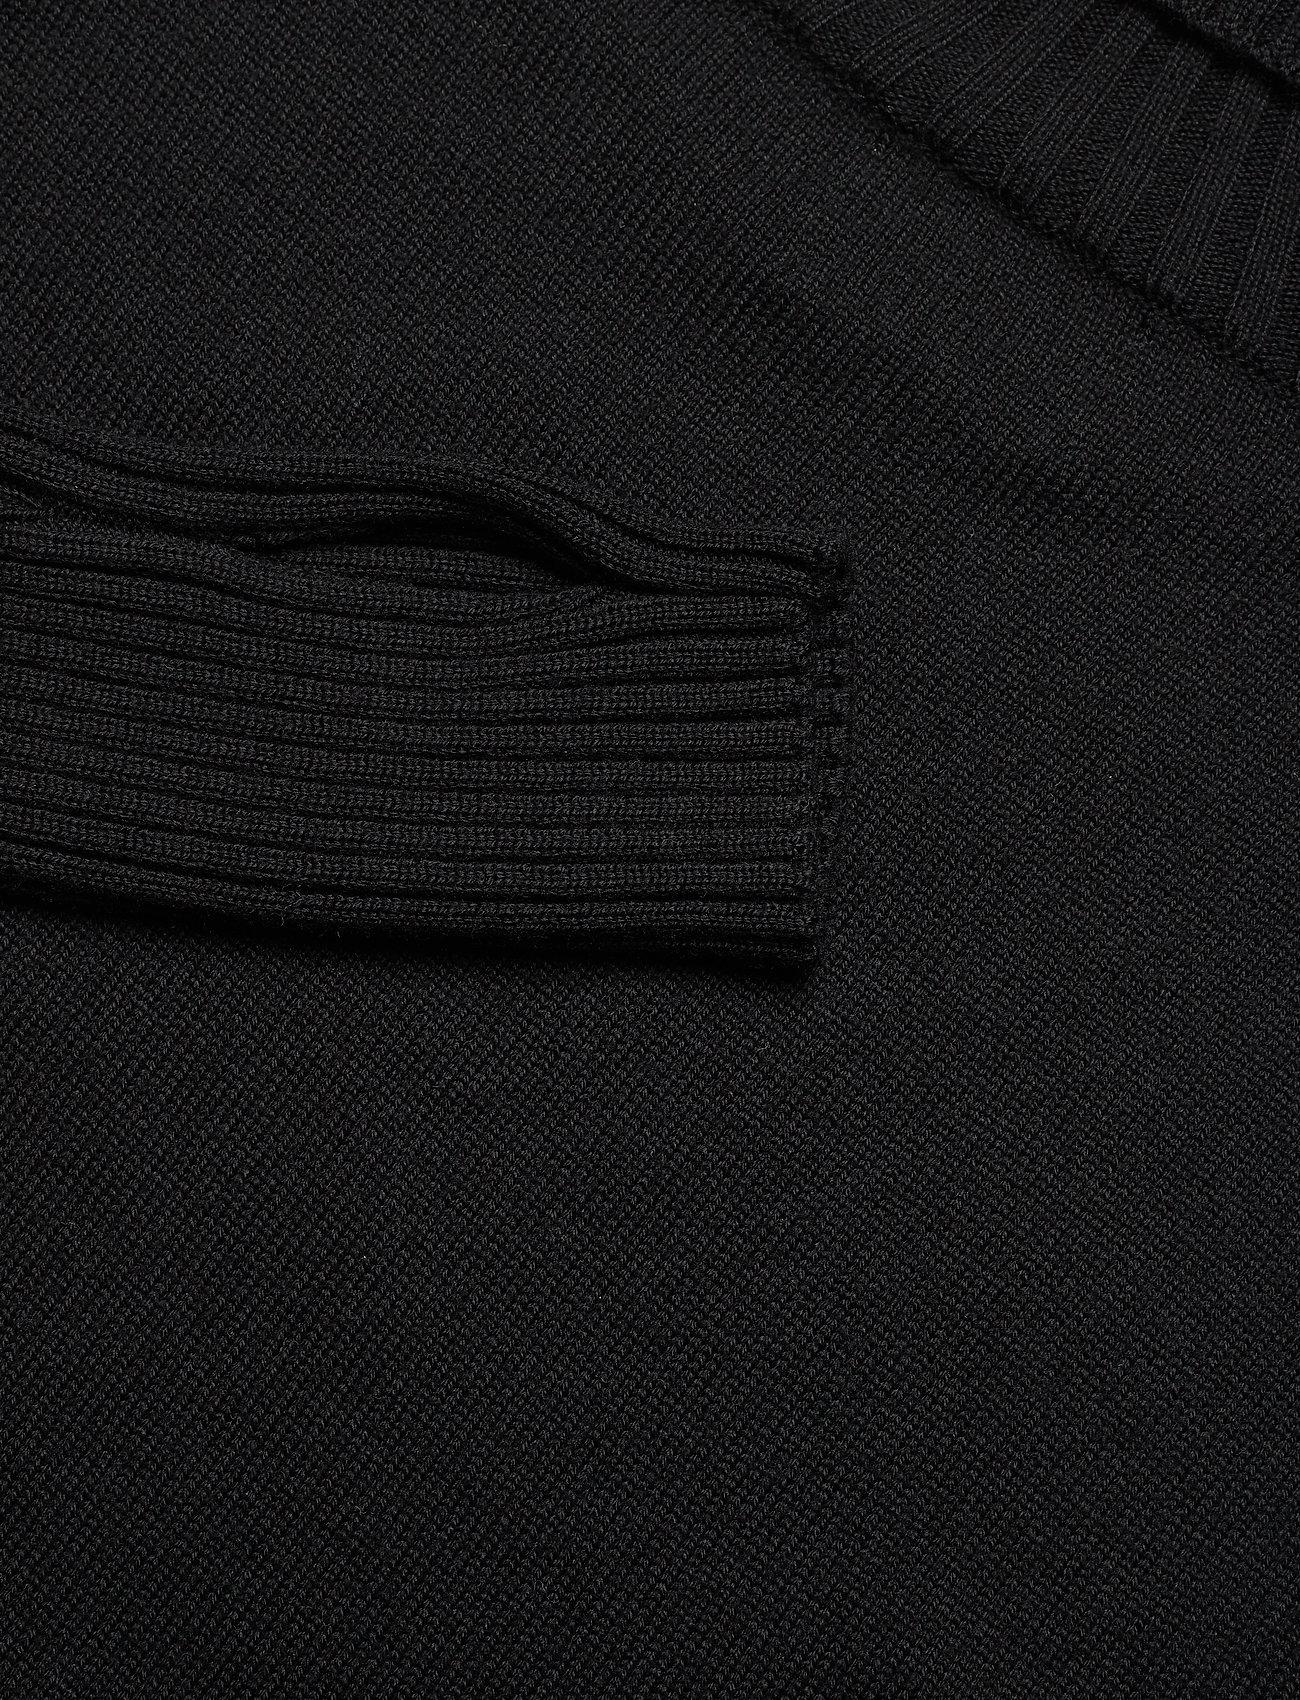 HOLZWEILER IMPRESSED Knit - Dzianina BLACK - Kobiety Odzież.